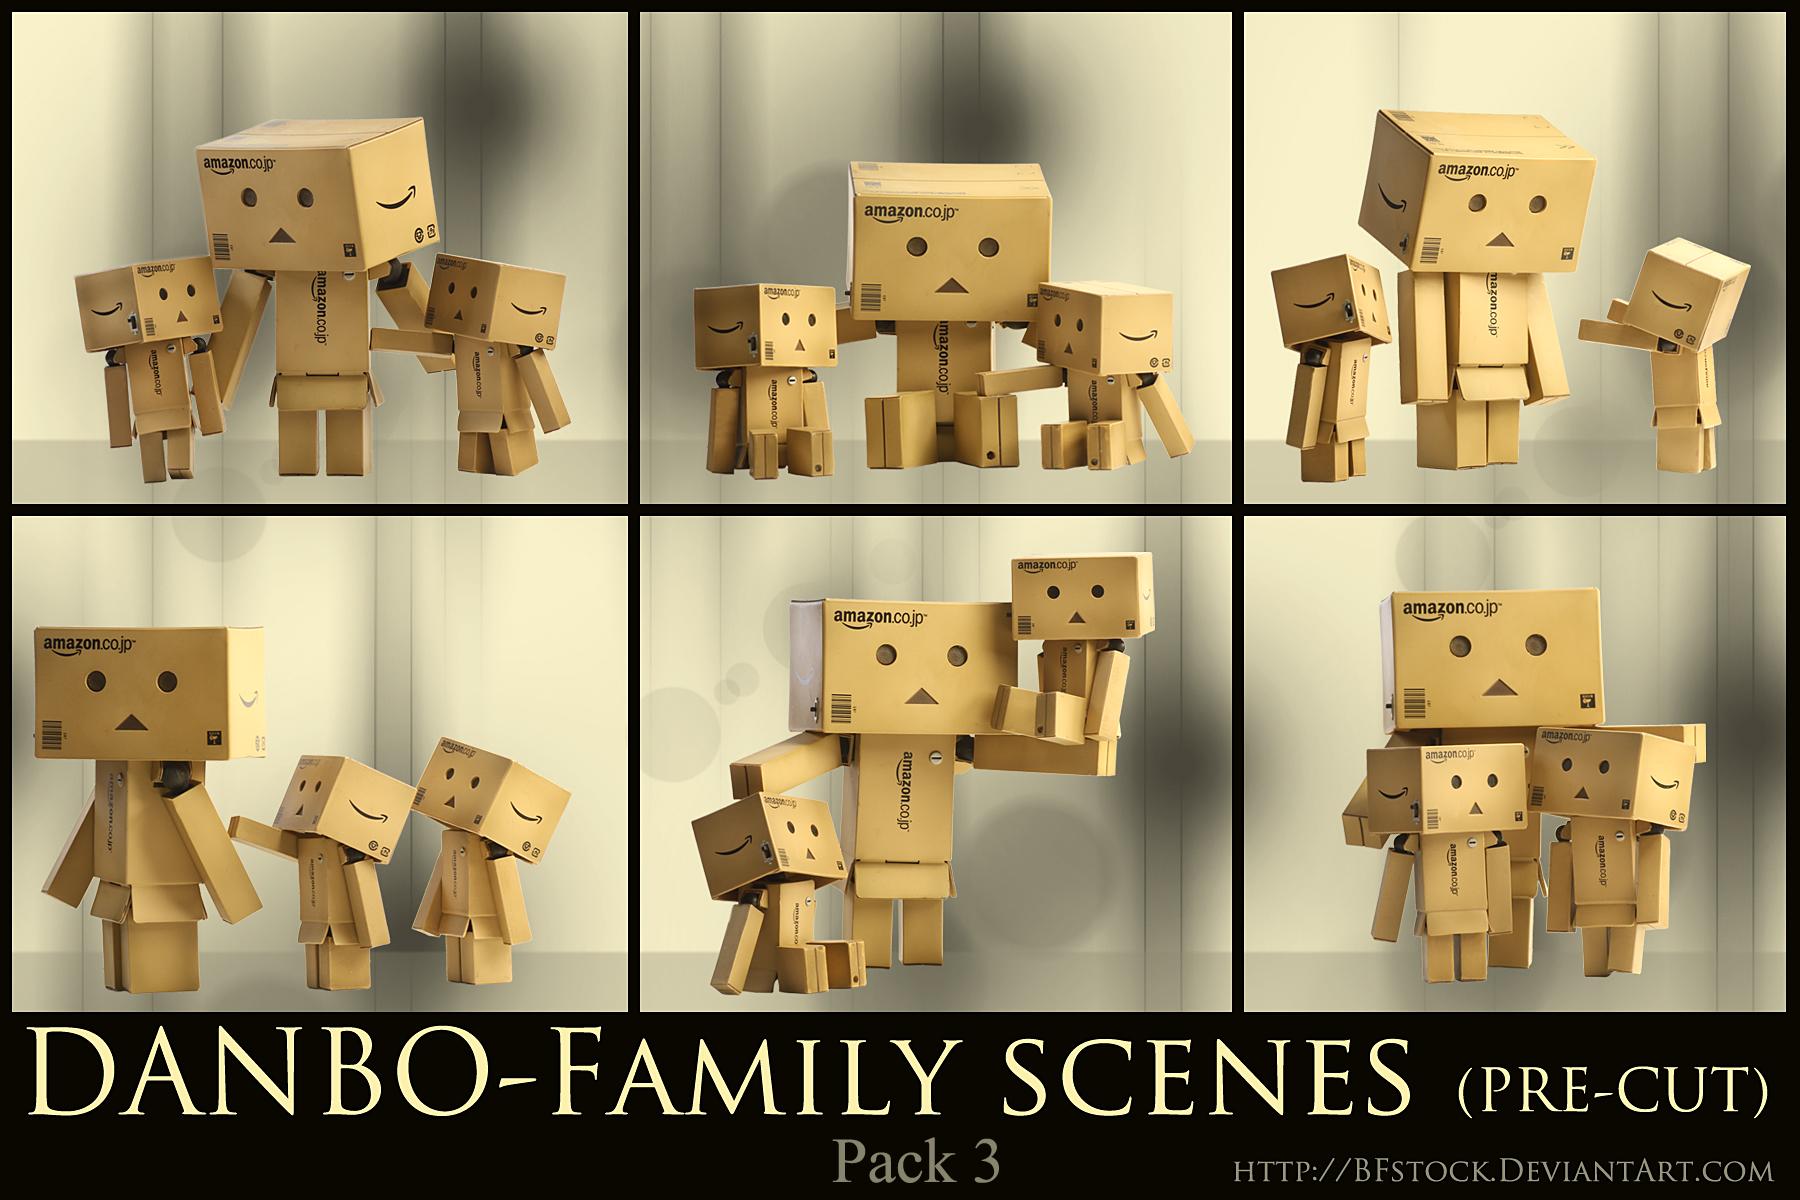 Danbo Pack 3 - Family scenes